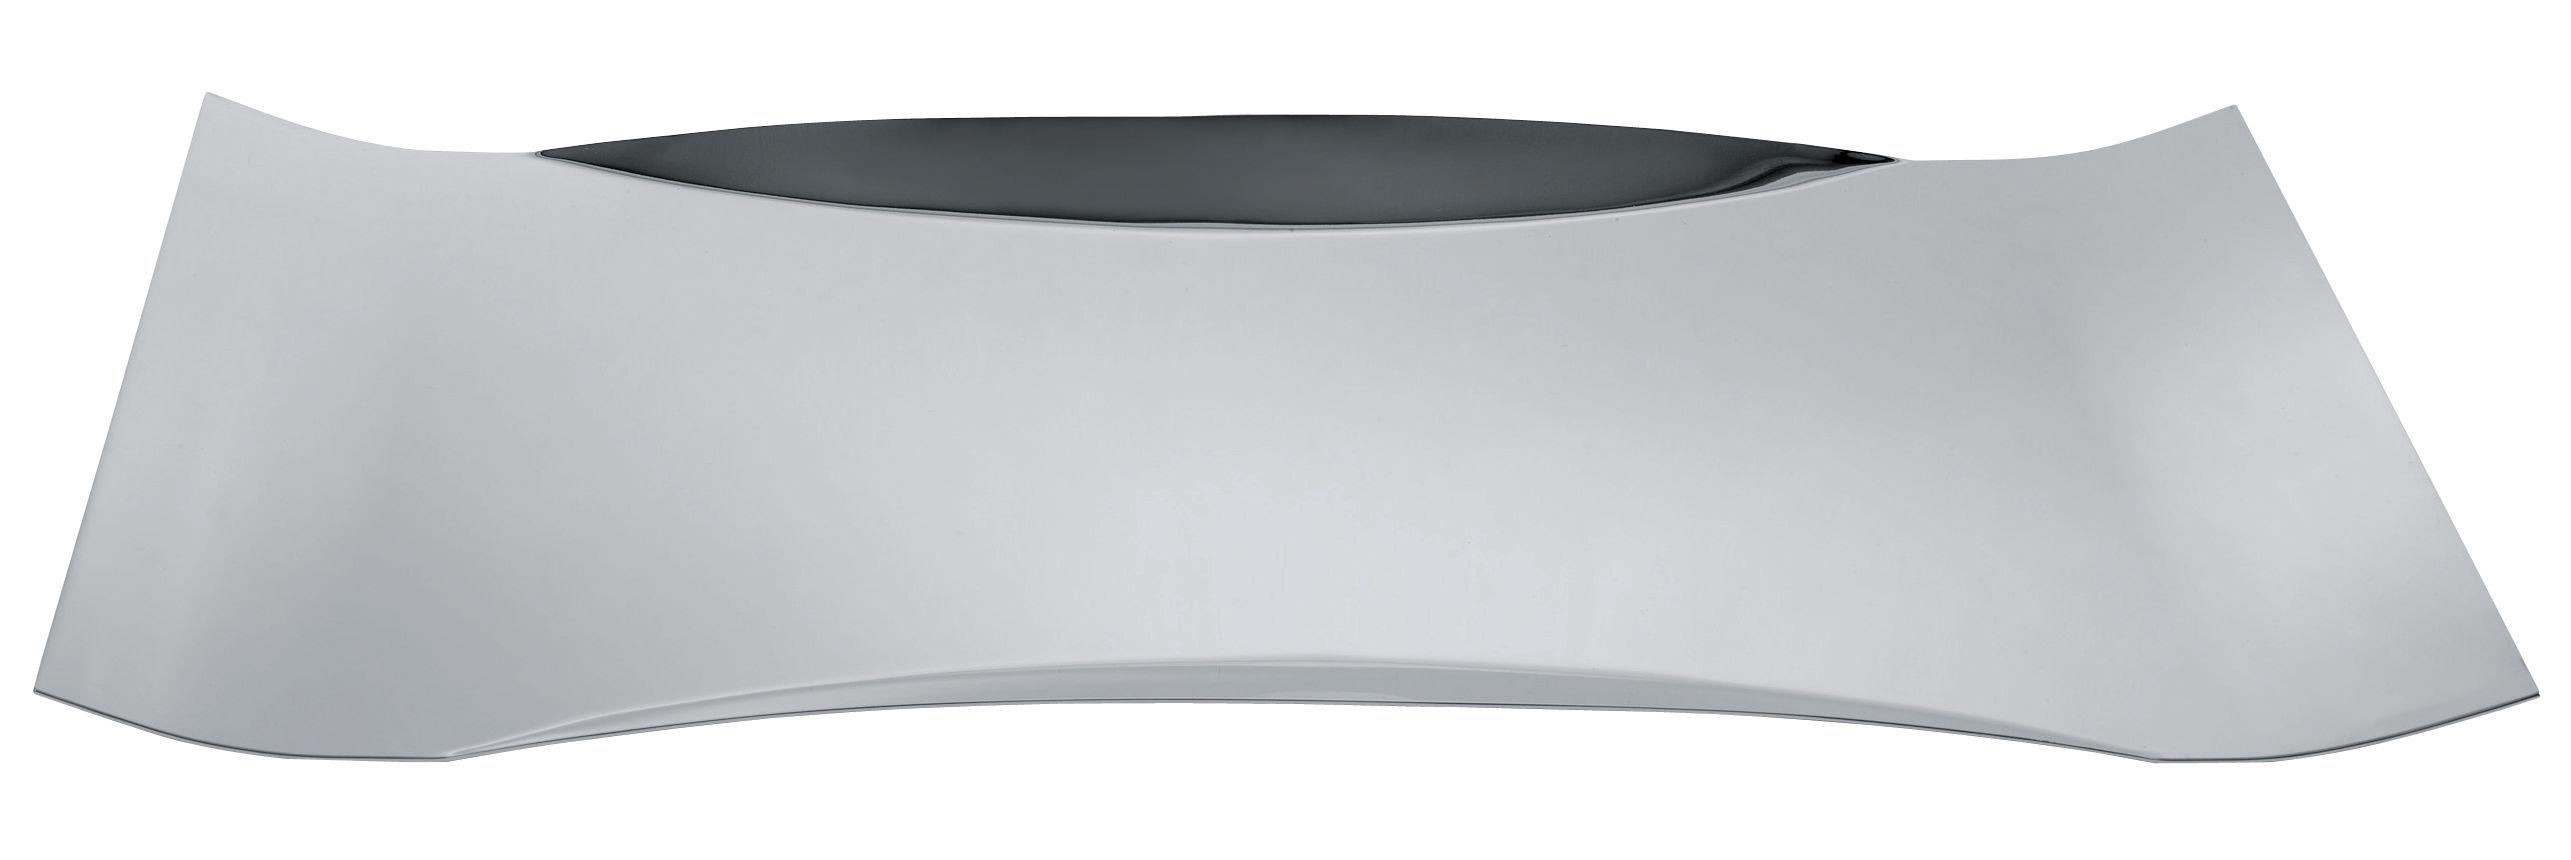 Arredamento moderno lampade design e oggetti design per for Alessi porte prezzi